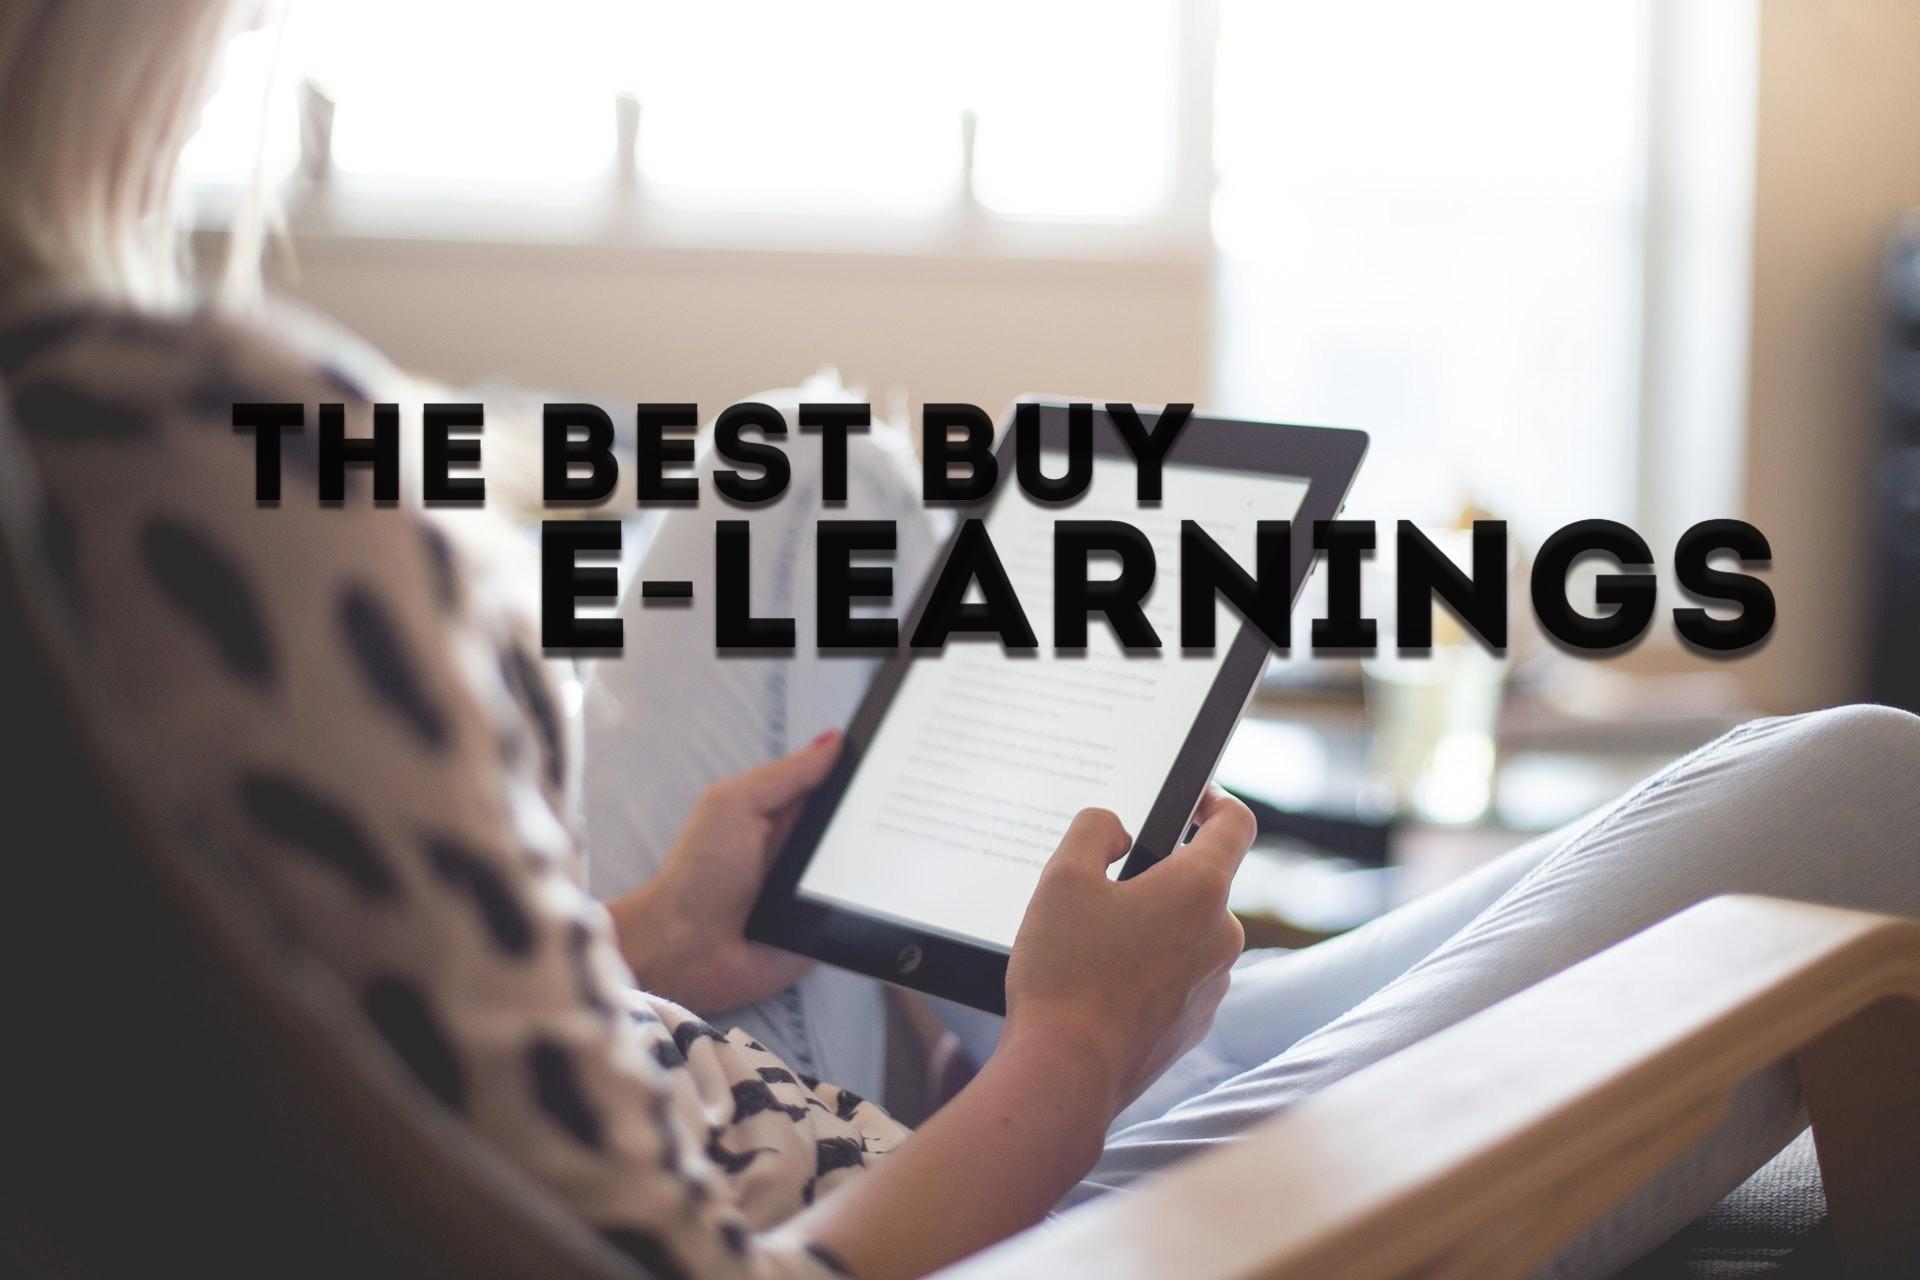 best buy learning network,best buy elearnings,best buy learning,free e learning software,best buy learning center,e learning software free download,elearning software comparison,list of e learning software,e learning development software